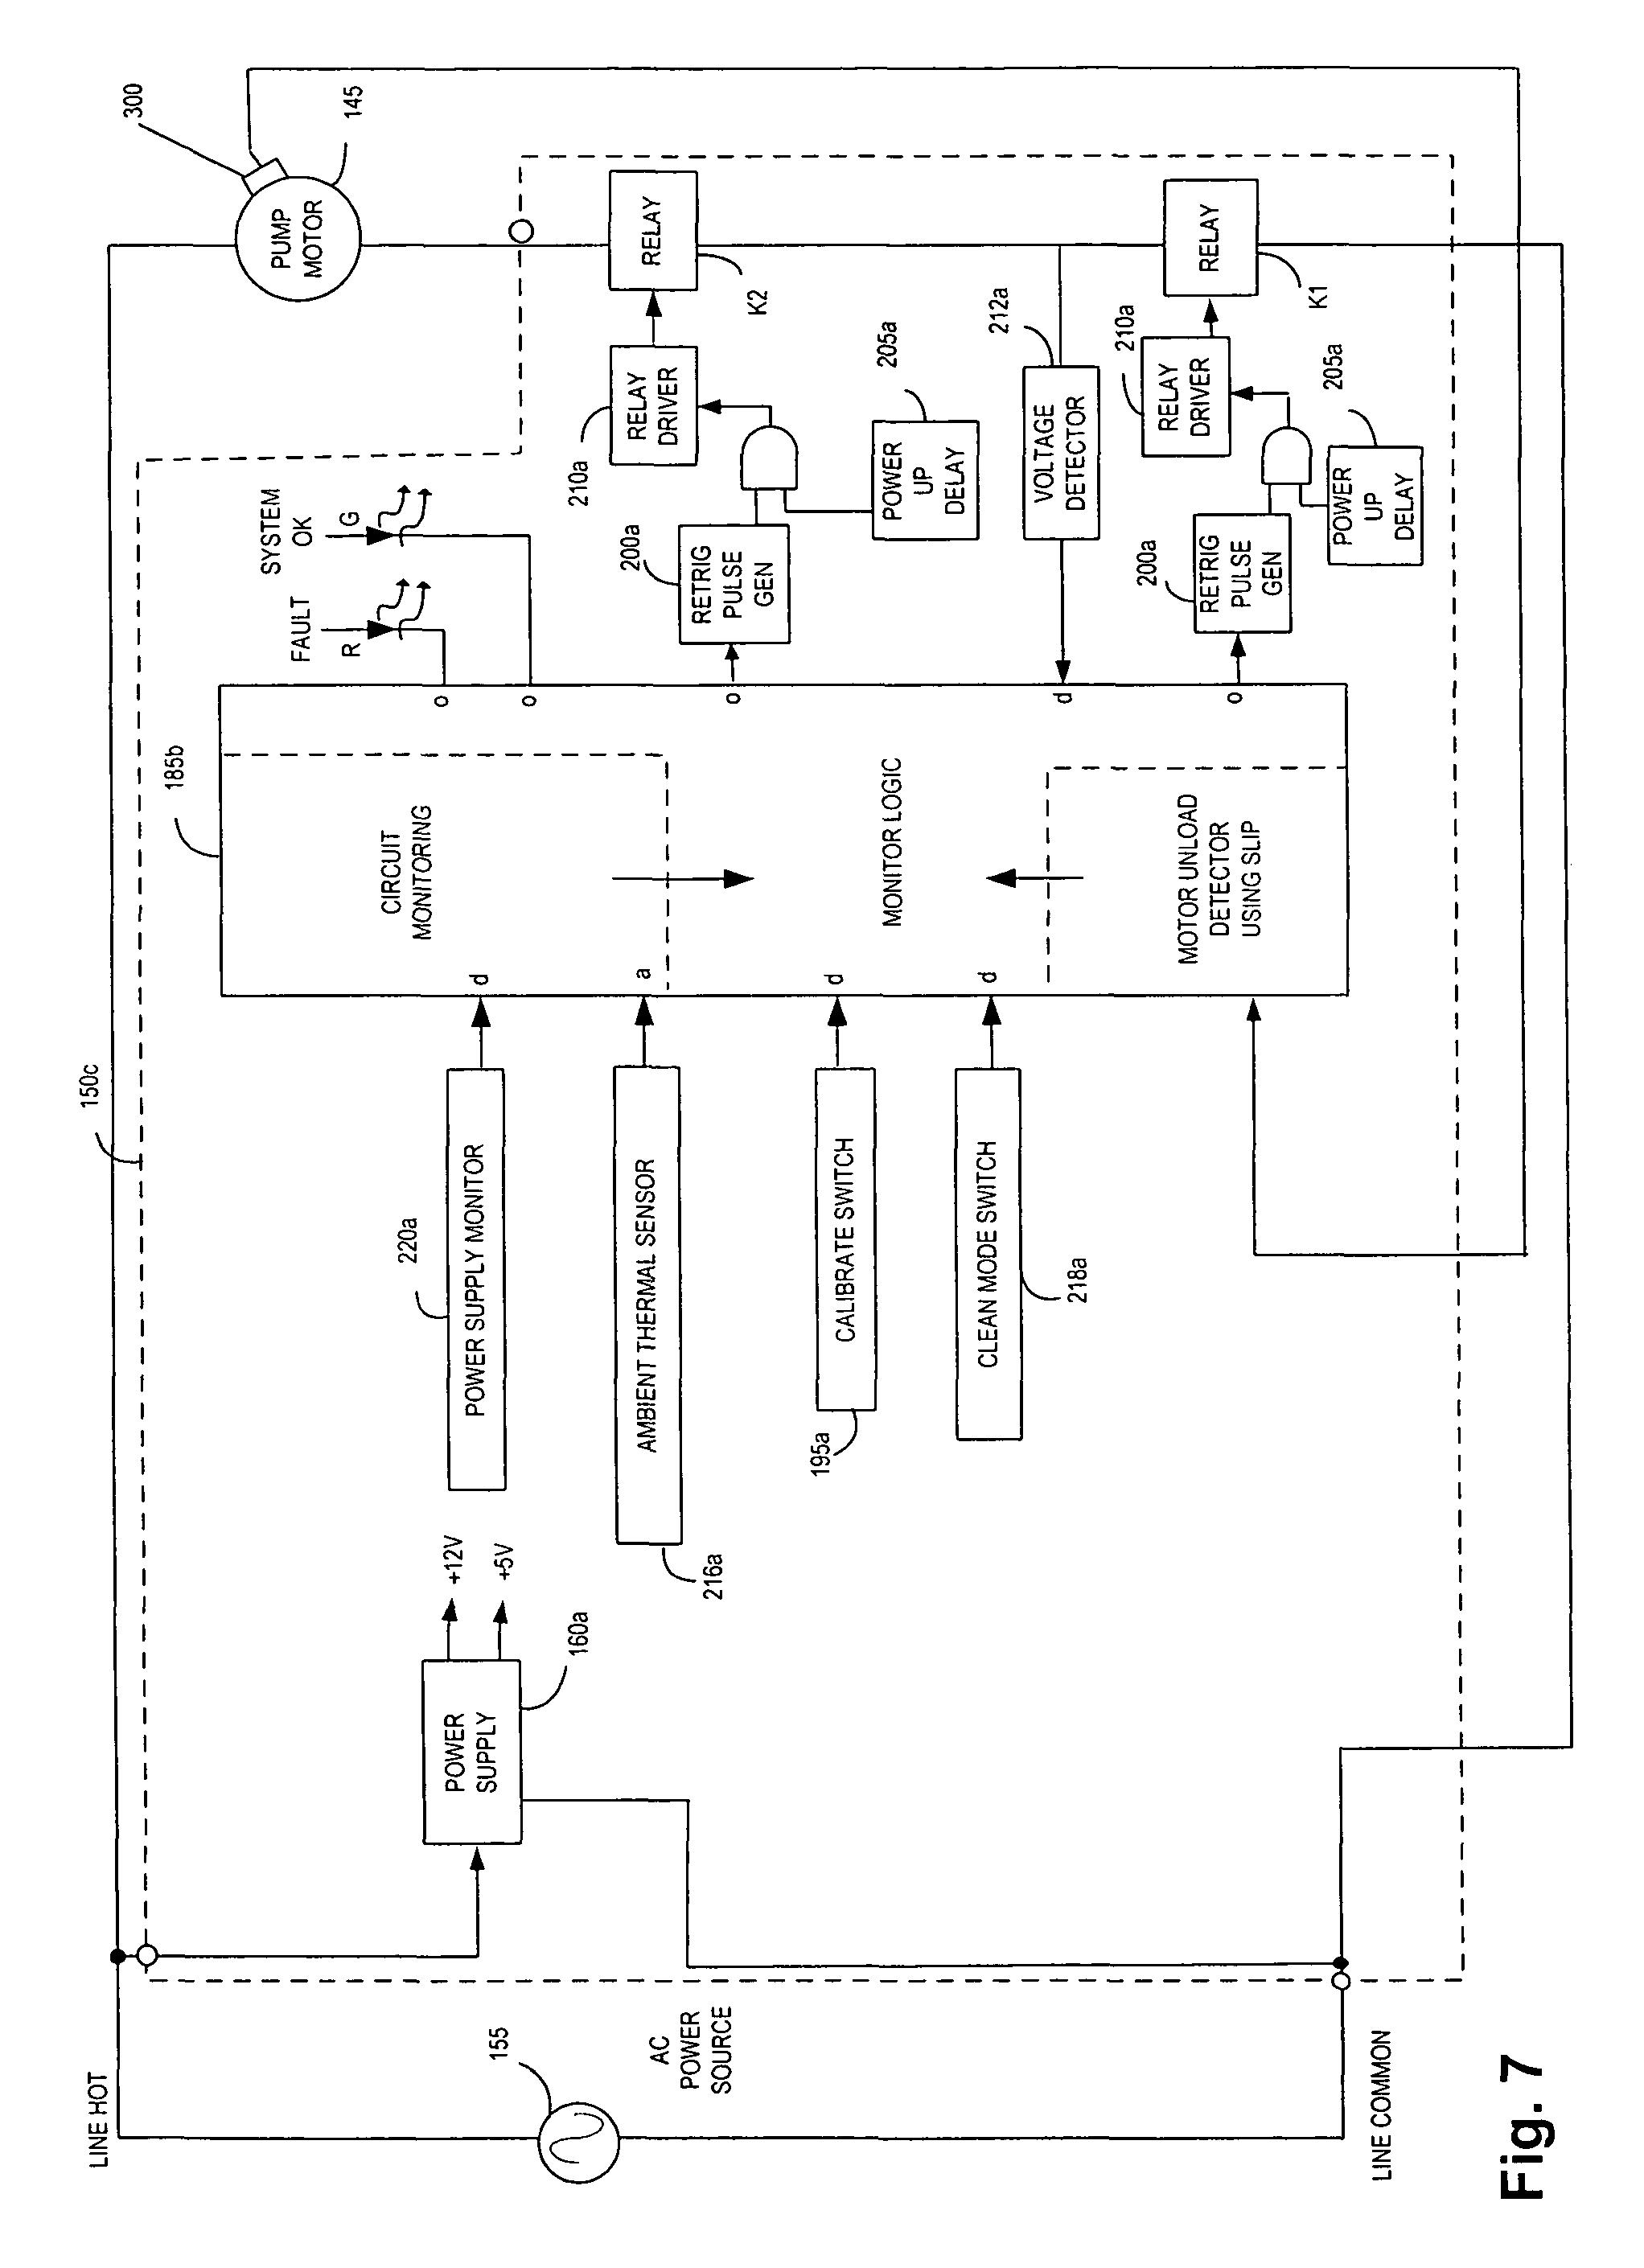 Ingersoll Rand T30 Wiring Diagram from schematron.org